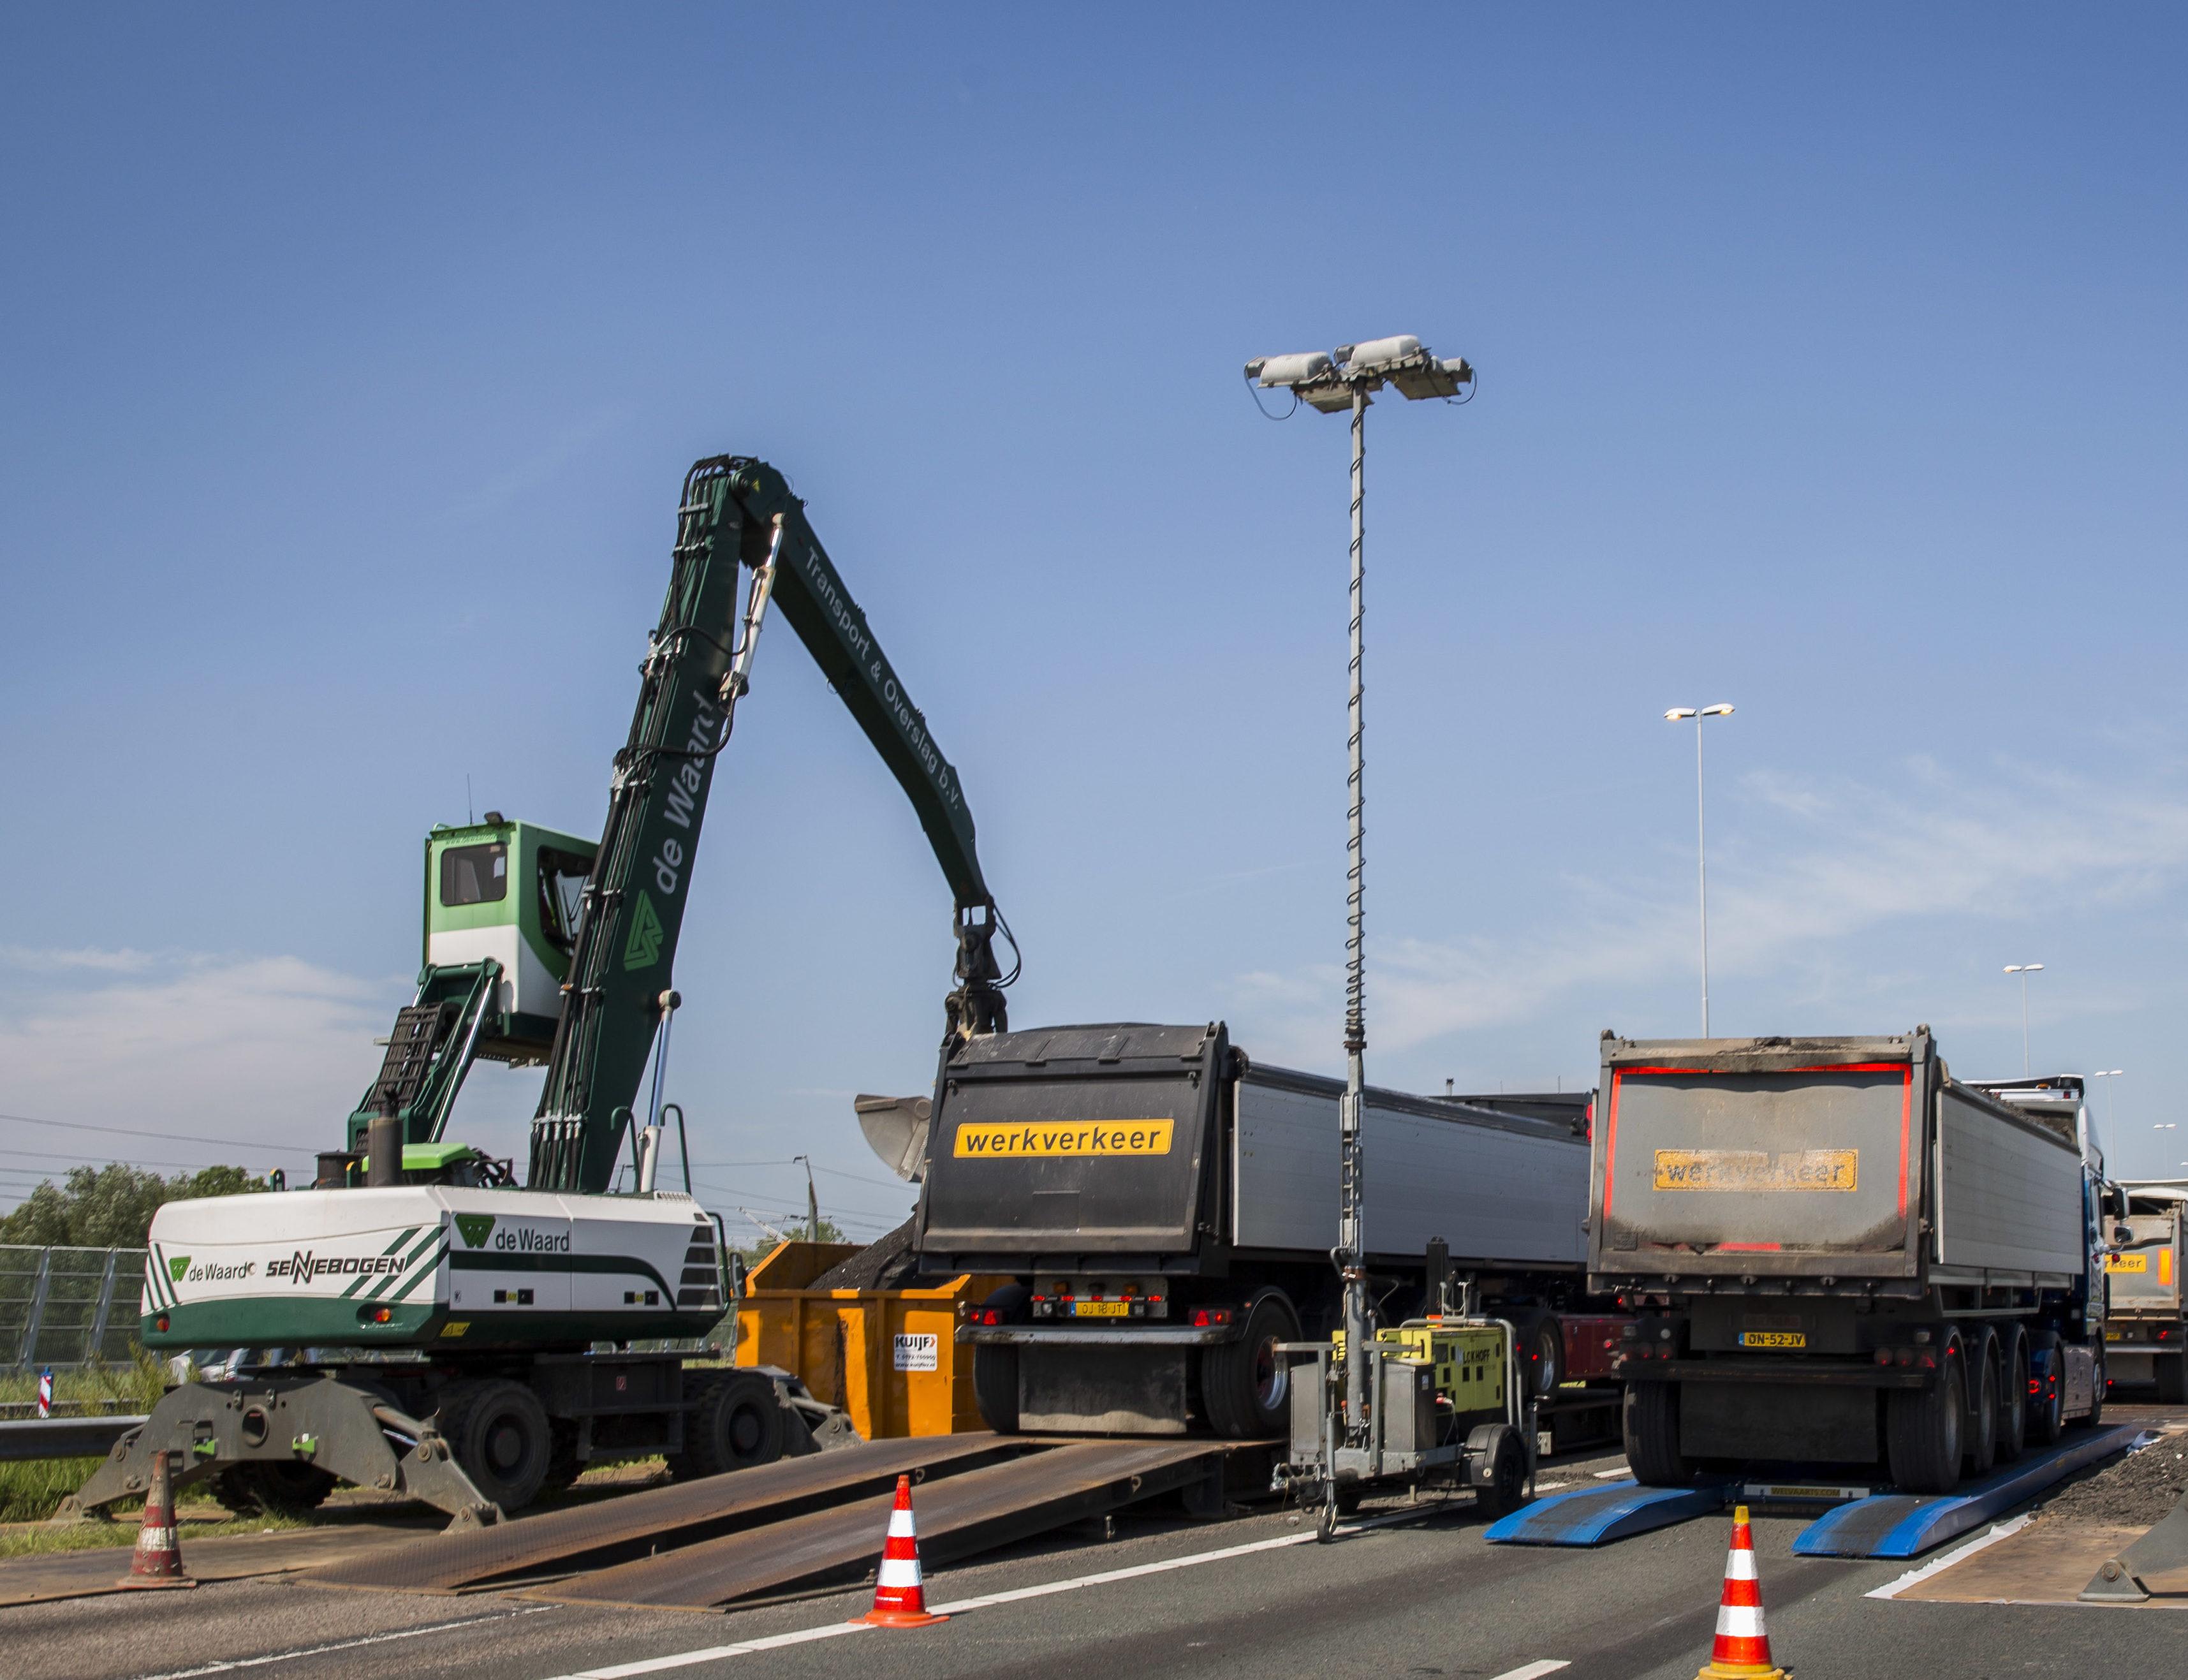 <p>De weegbrug van Mobielwegen.com ligt met een half uur op de plek en heeft een capaciteit van 60 ton.</p>